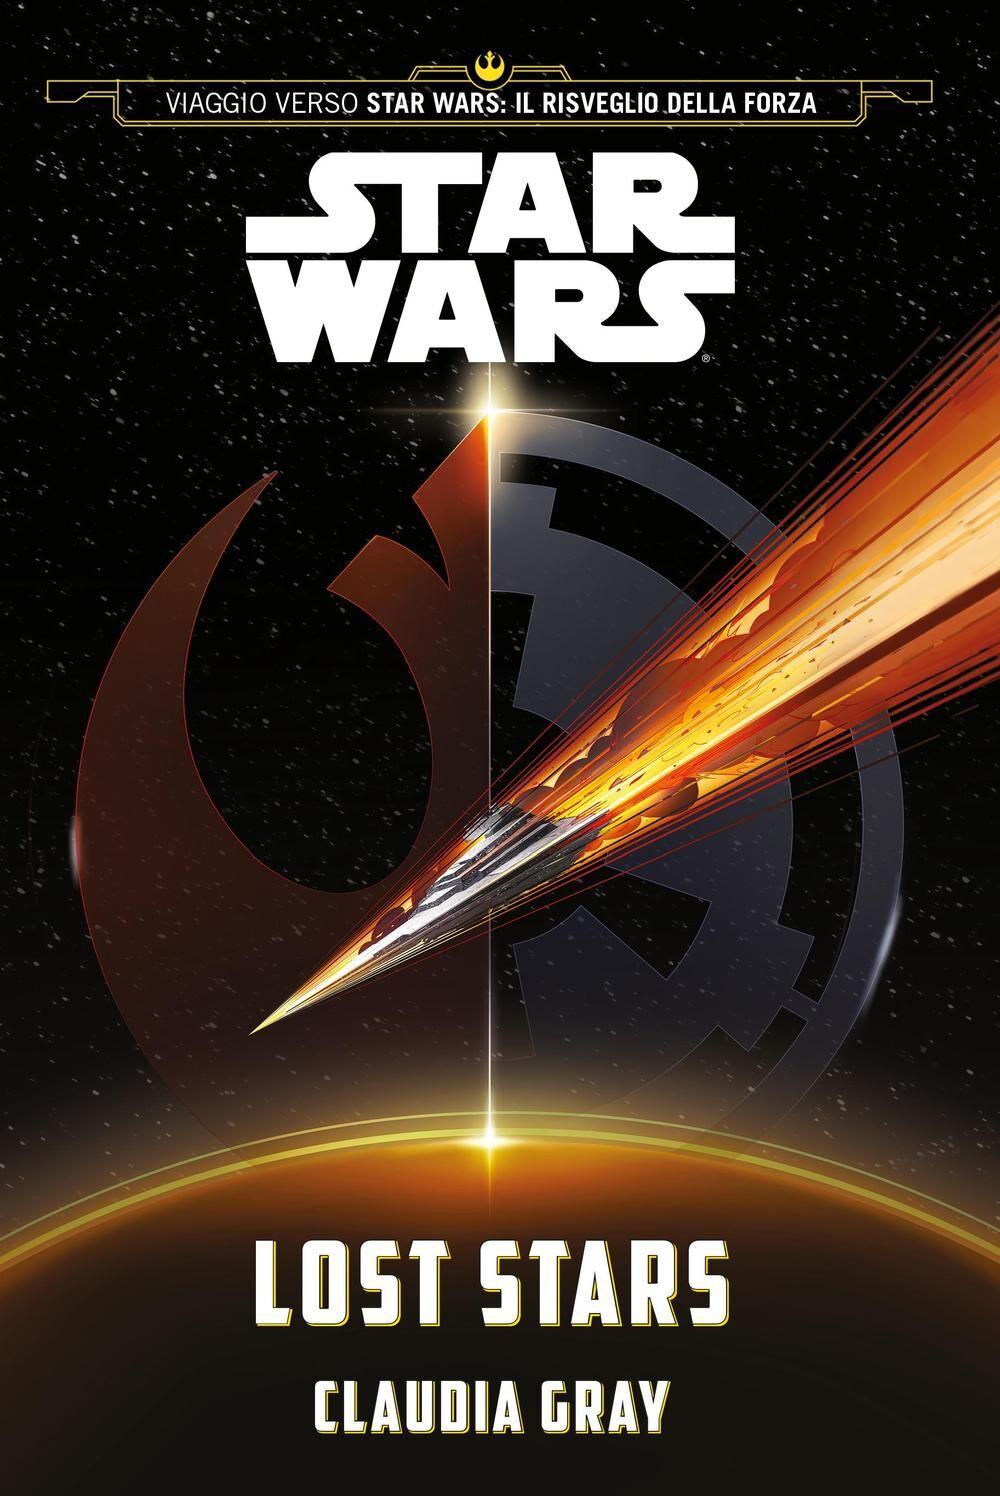 Lost stars. Star Wars (Viaggio verso Star Wars: Il risveglio della forza)